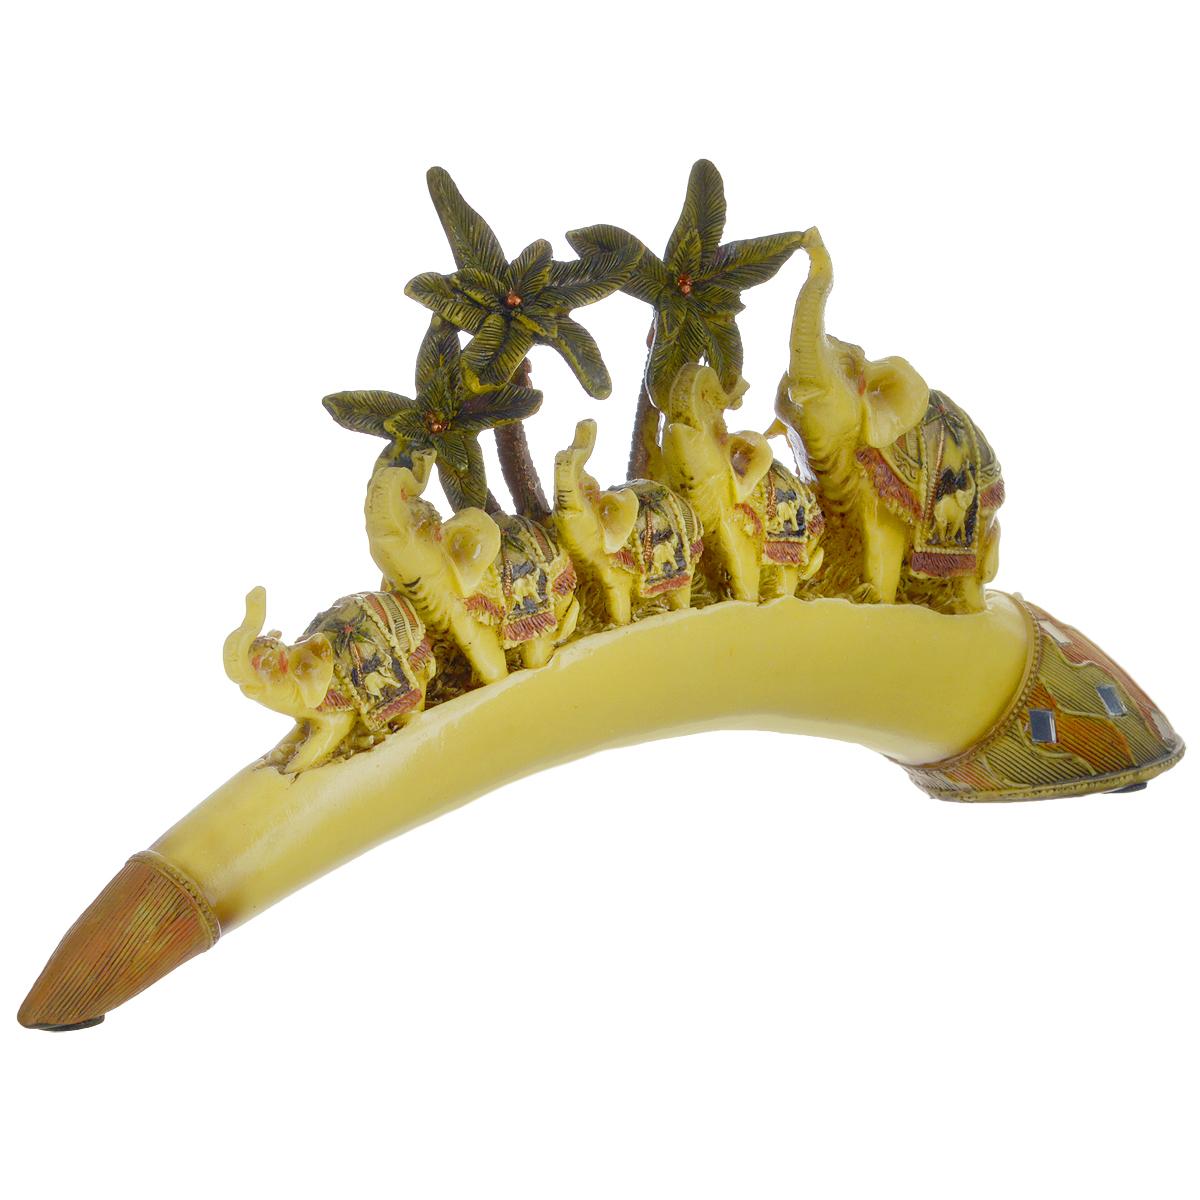 Фигурка декоративная Molento Счастливая пятерка, высота 16,5 см549-098Декоративная фигурка Molento Счастливая пятерка, выполненная из полистоуна, станет отличным украшением интерьера и подчеркнет его изысканность. Изделие выполнено в виде бивня слона, на котором расположена композиция из пальм и пяти слонов.Такая фигурка всегда сможет послужить приятным подарком для ваших друзей и близких. Размер фигурки: 35,5 см х 5,5 см х 16,5 см.